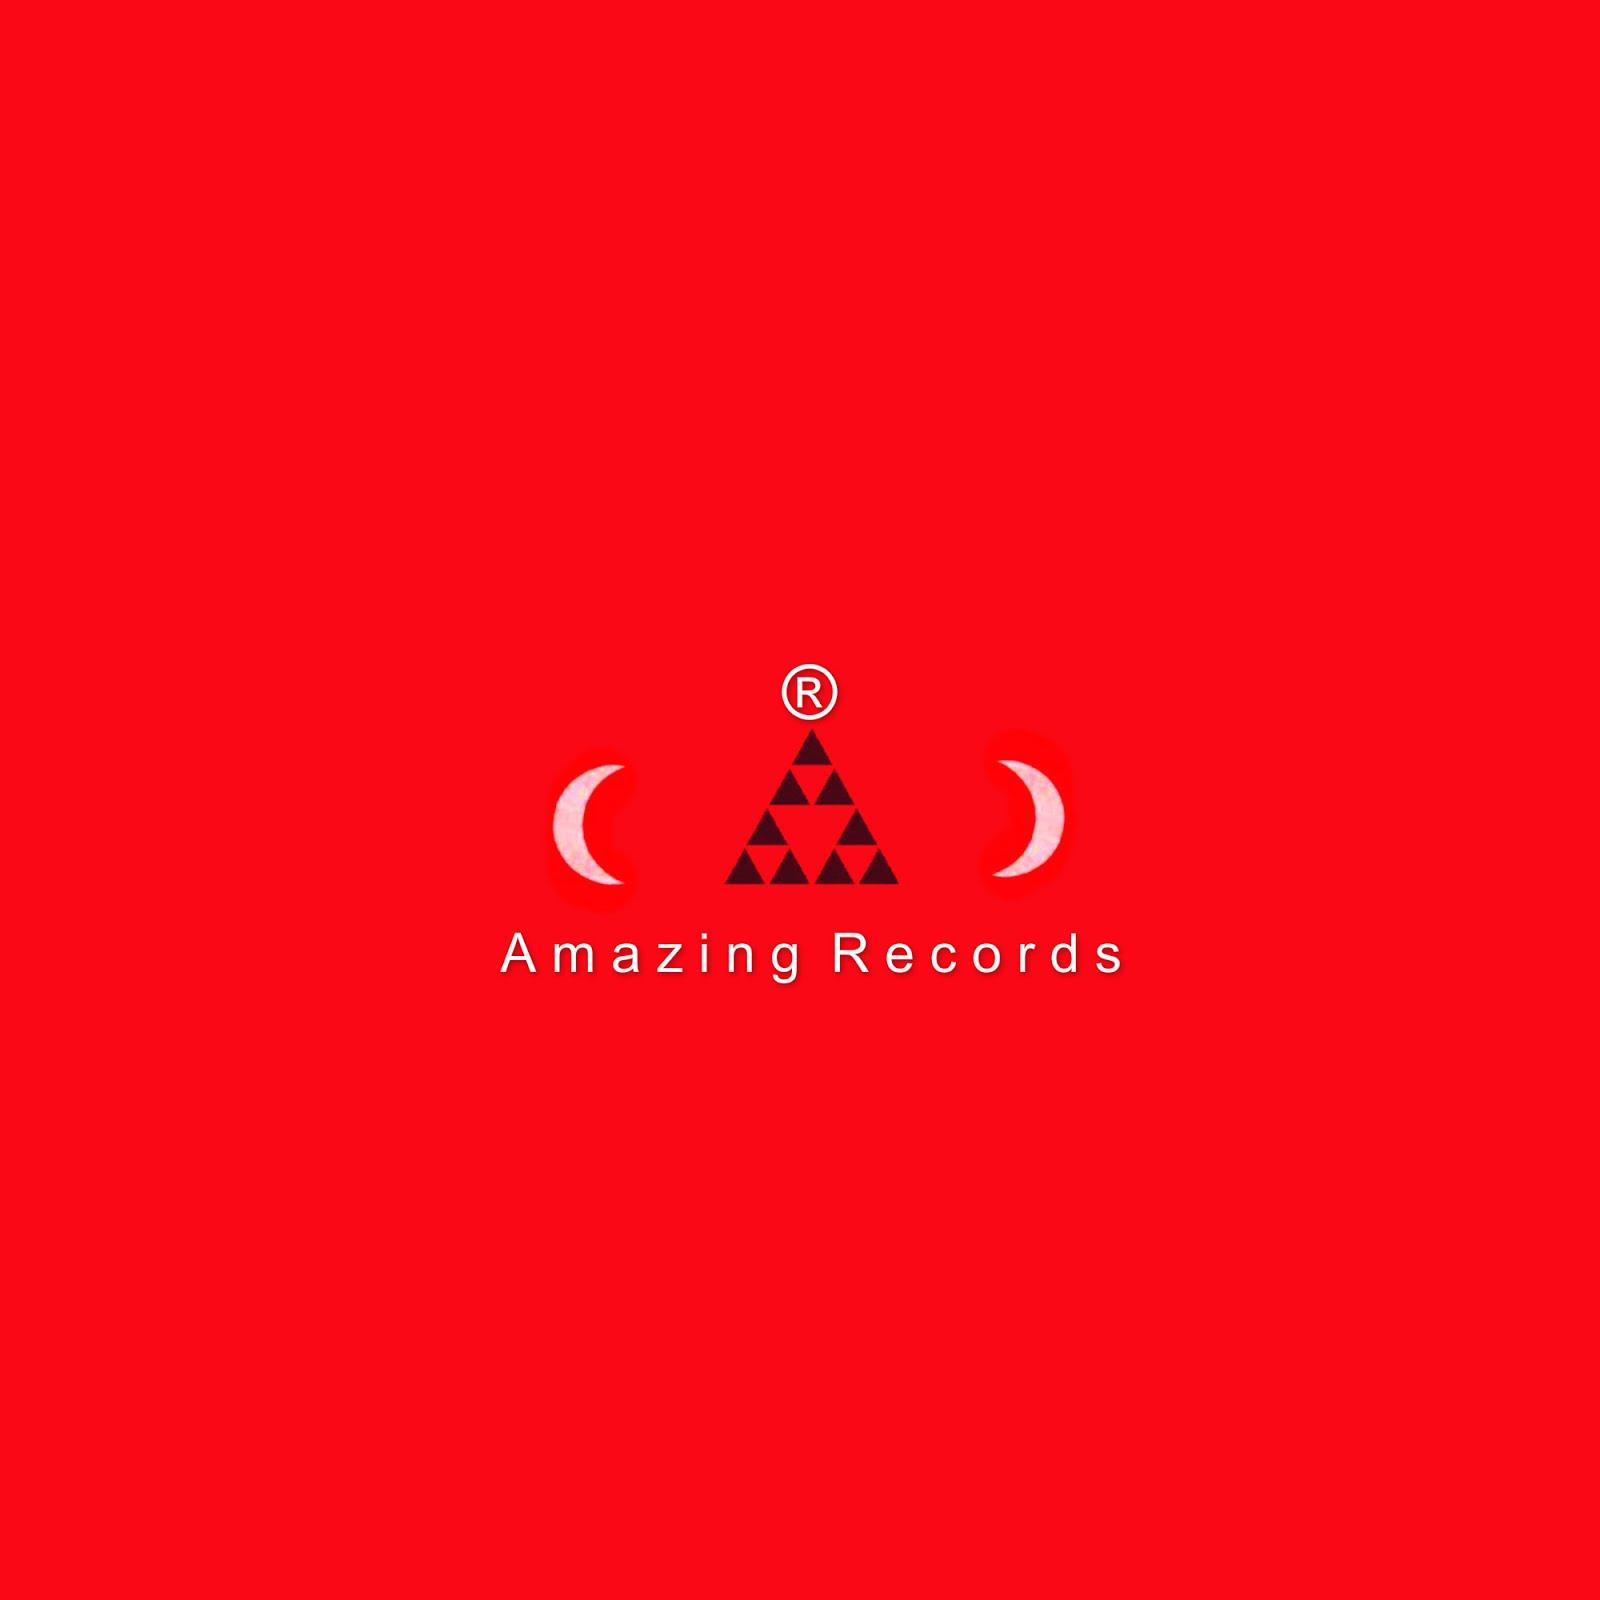 Amazing Records ®